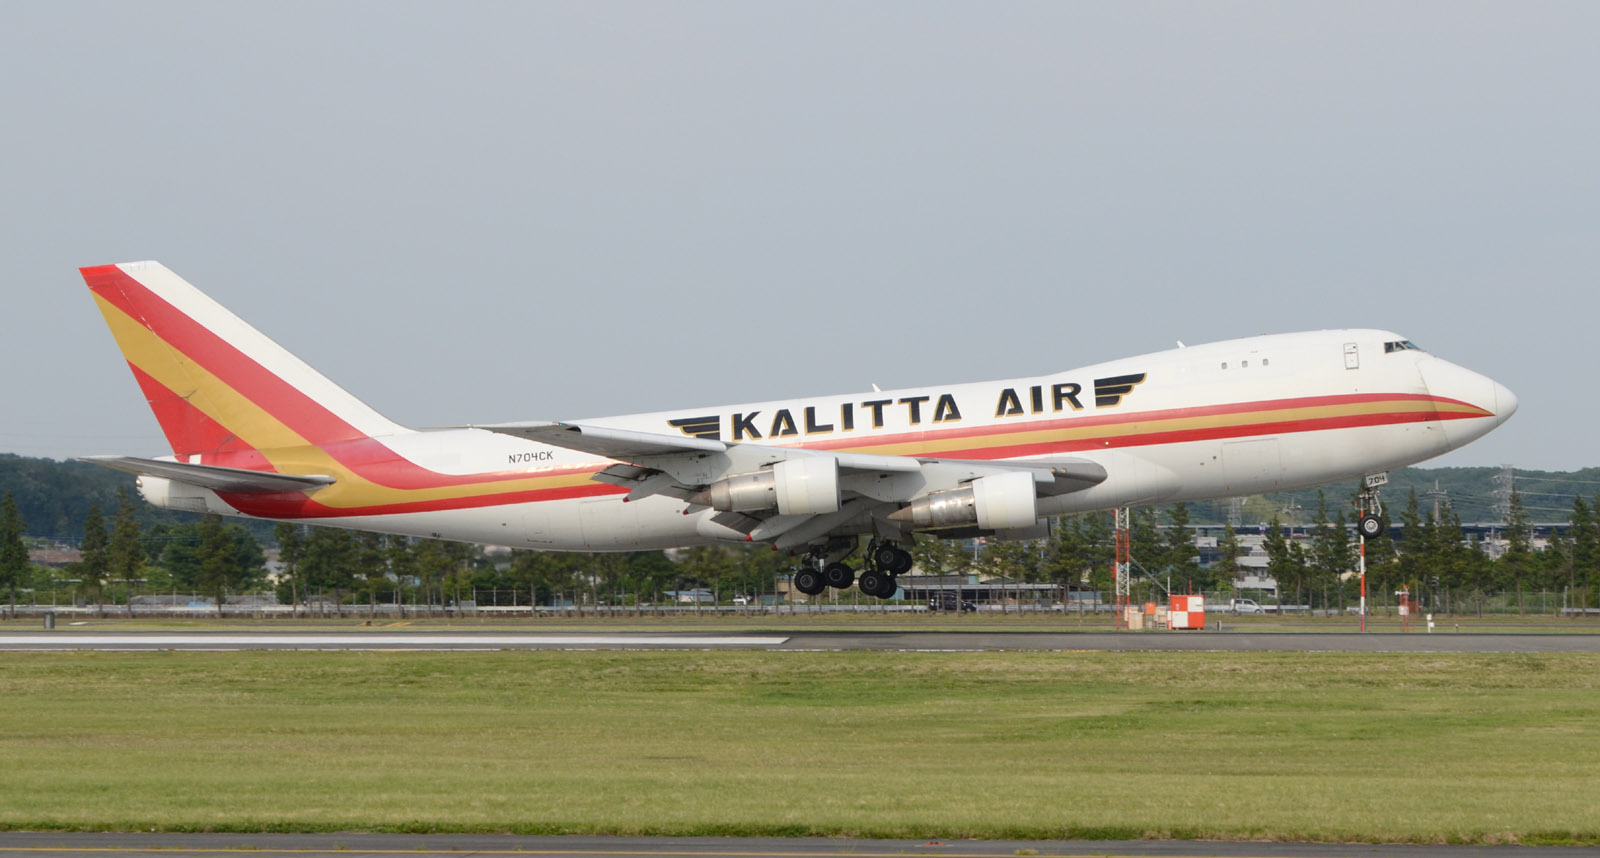 Kalitta150524g845